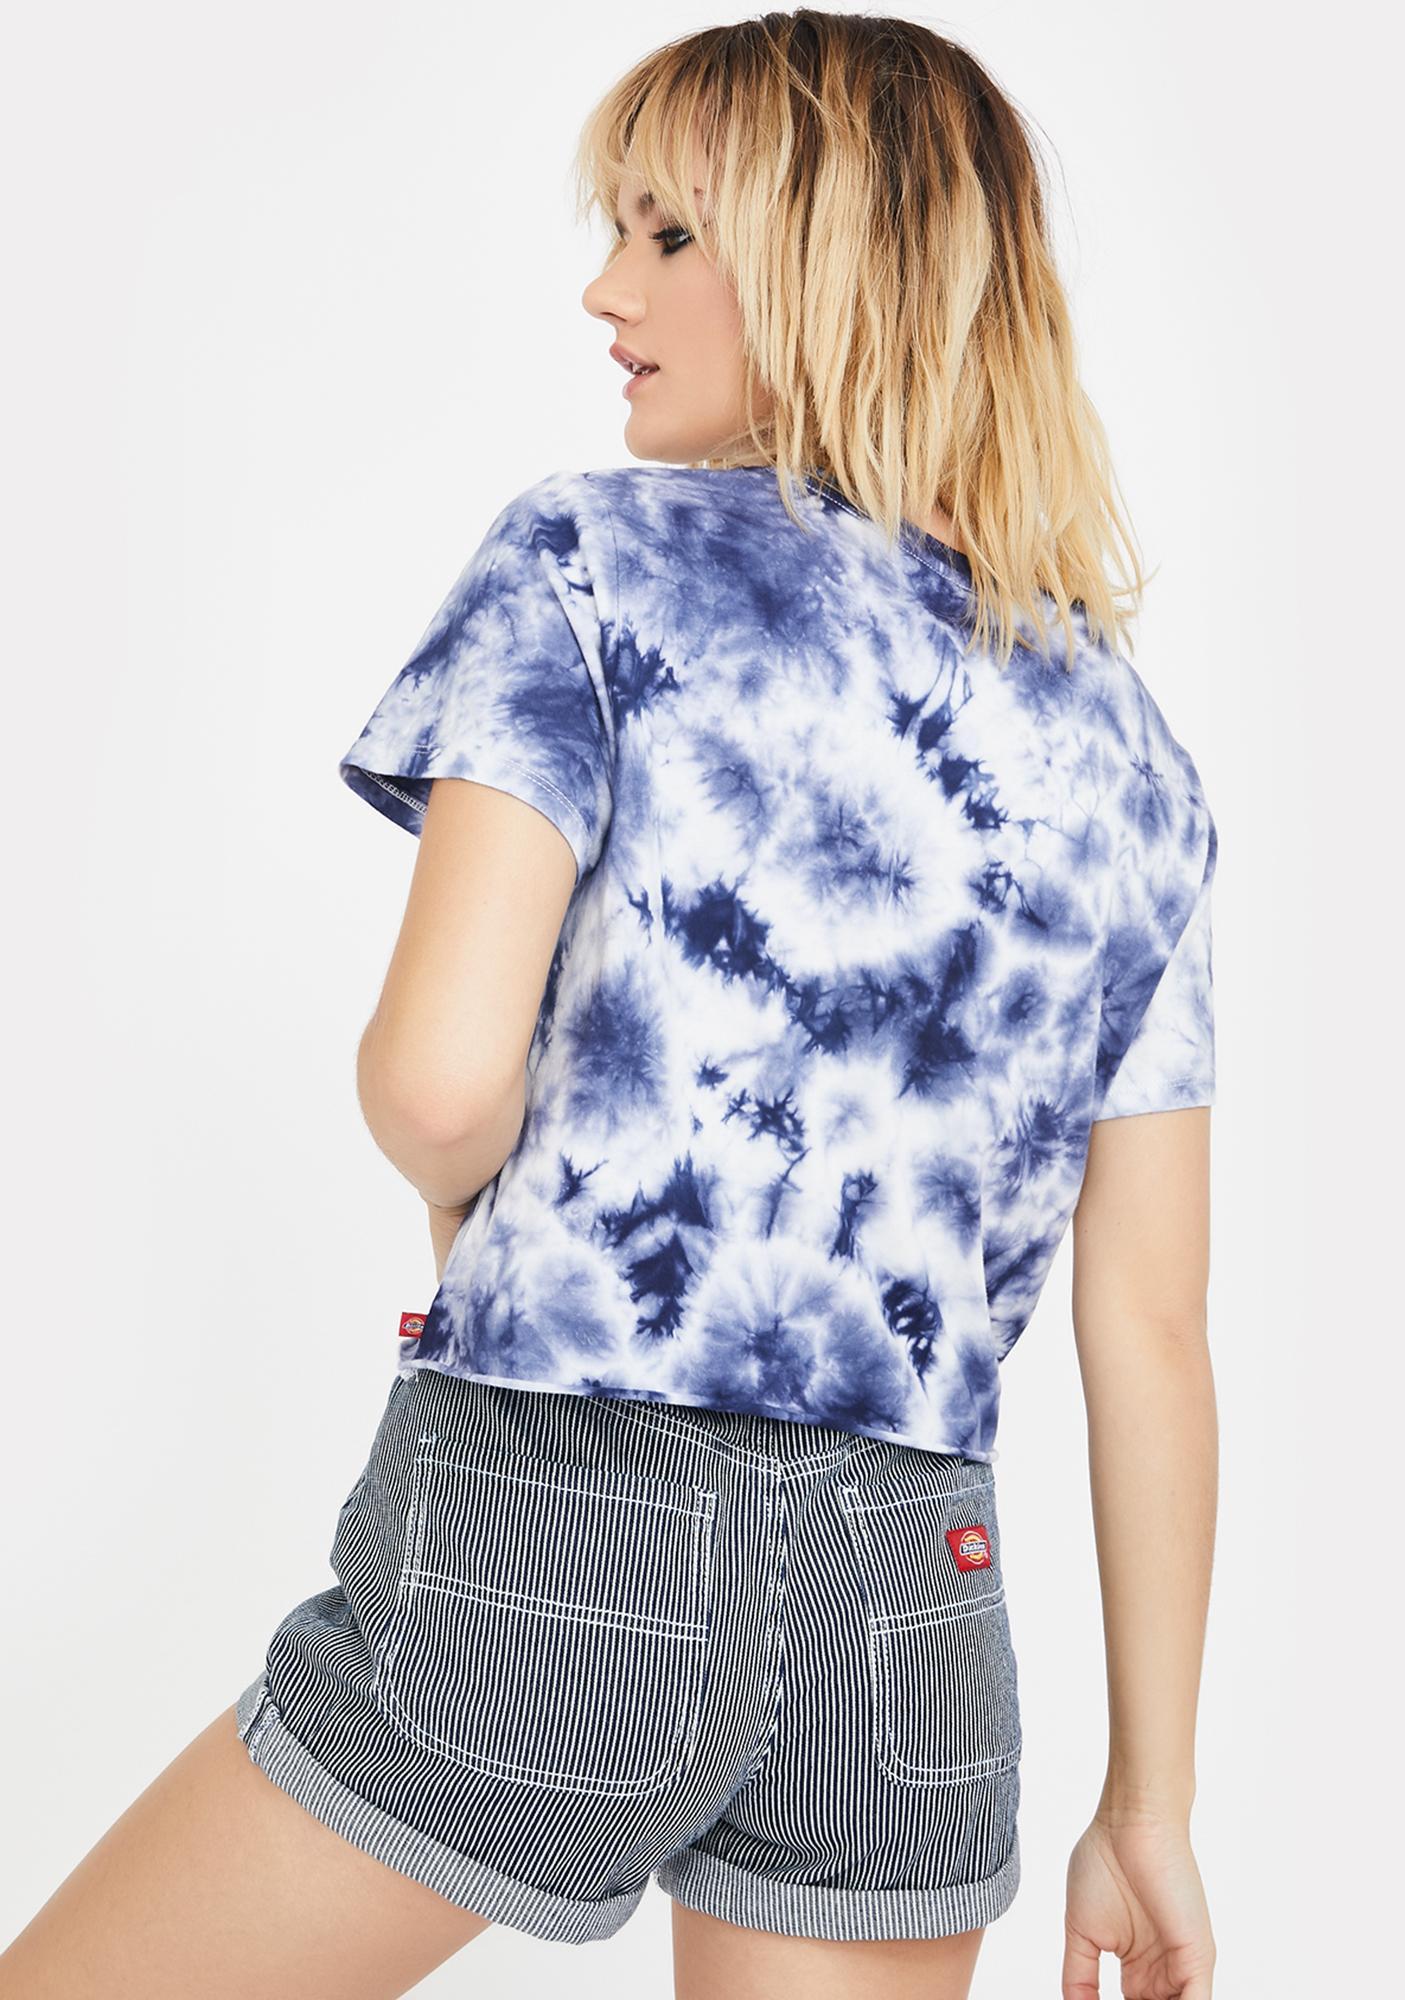 Dickies Girl Navy White Tie Dye Crop Top